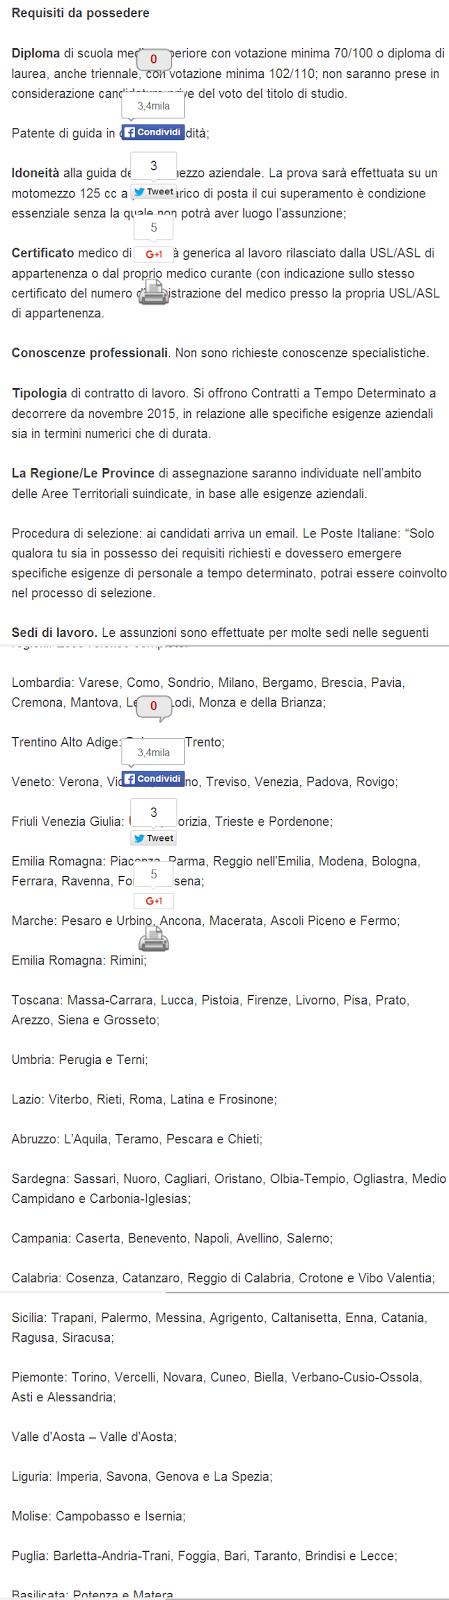 conviene investire in azioni di poste italiane?